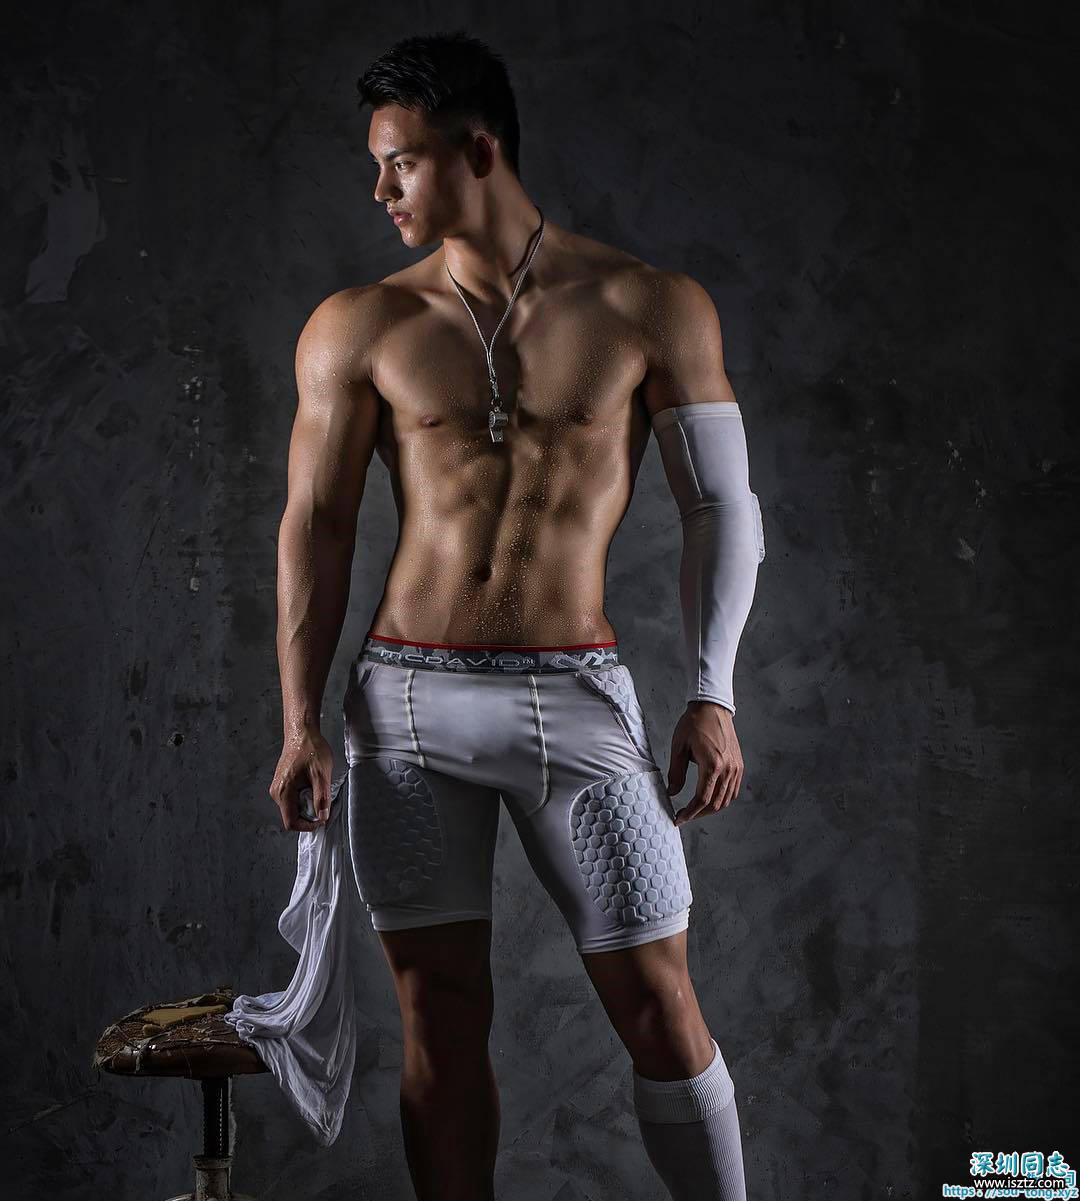 白内裤,粗壮的大腿,还有雄壮的肌肉身材